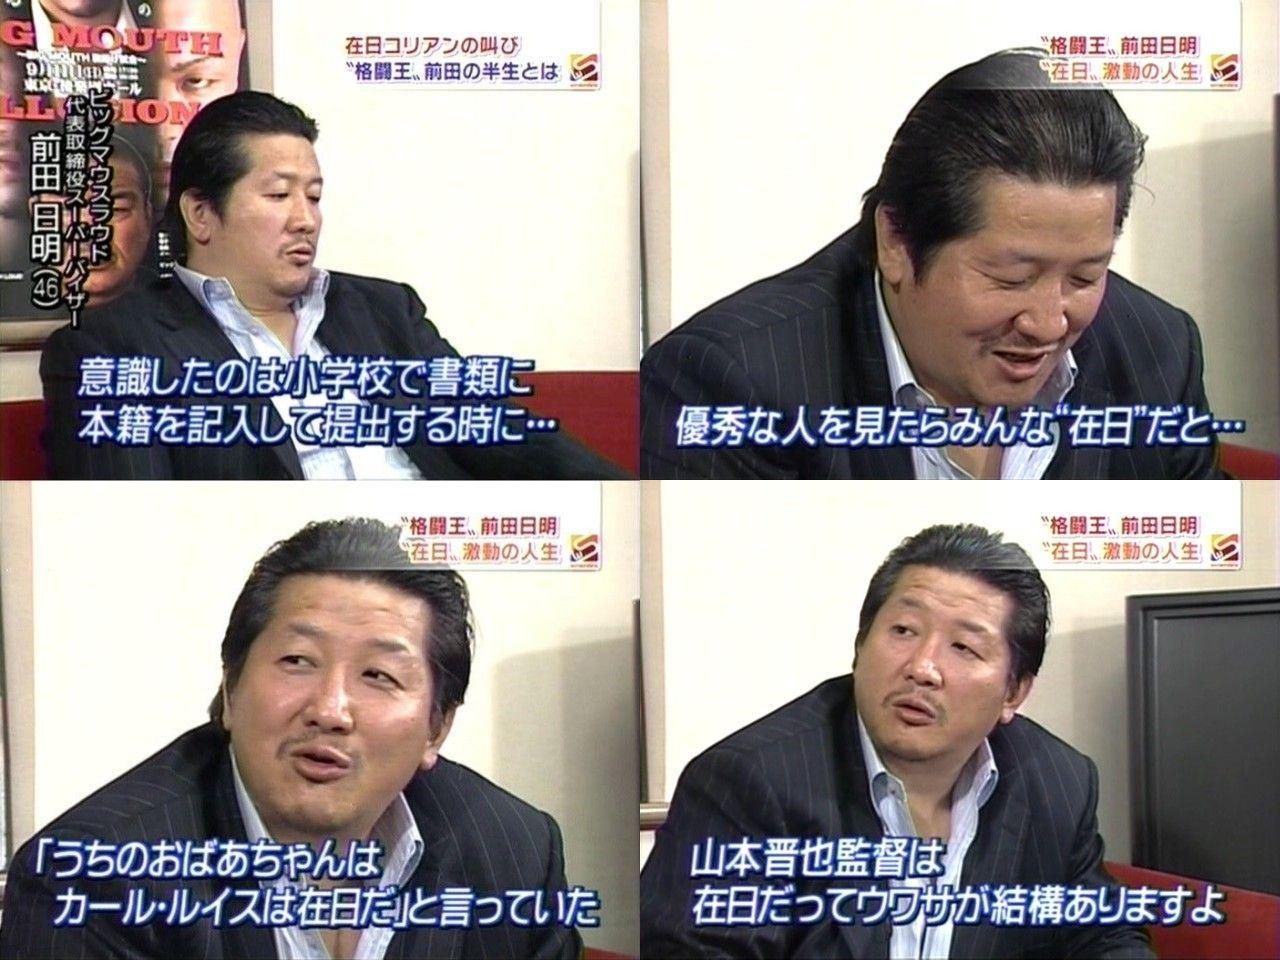 「日本の方々に韓日の本当の歴史を伝えたい」小宮悦子がナレーションを担当 日韓共同製作『李藝(イ・イエ)』製作決定